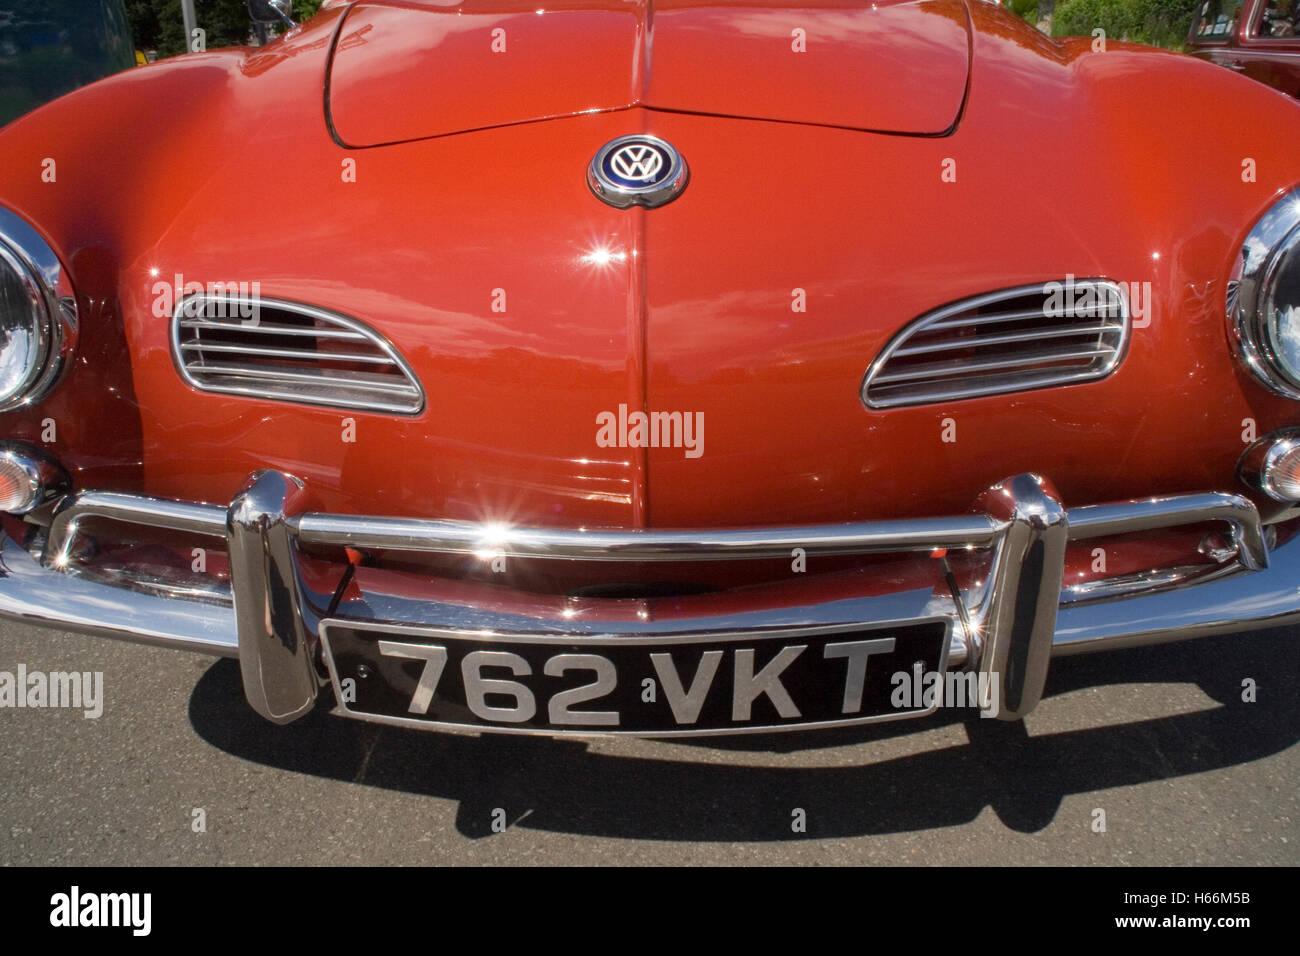 Volkswagen Karmann Ghia - Stock Image